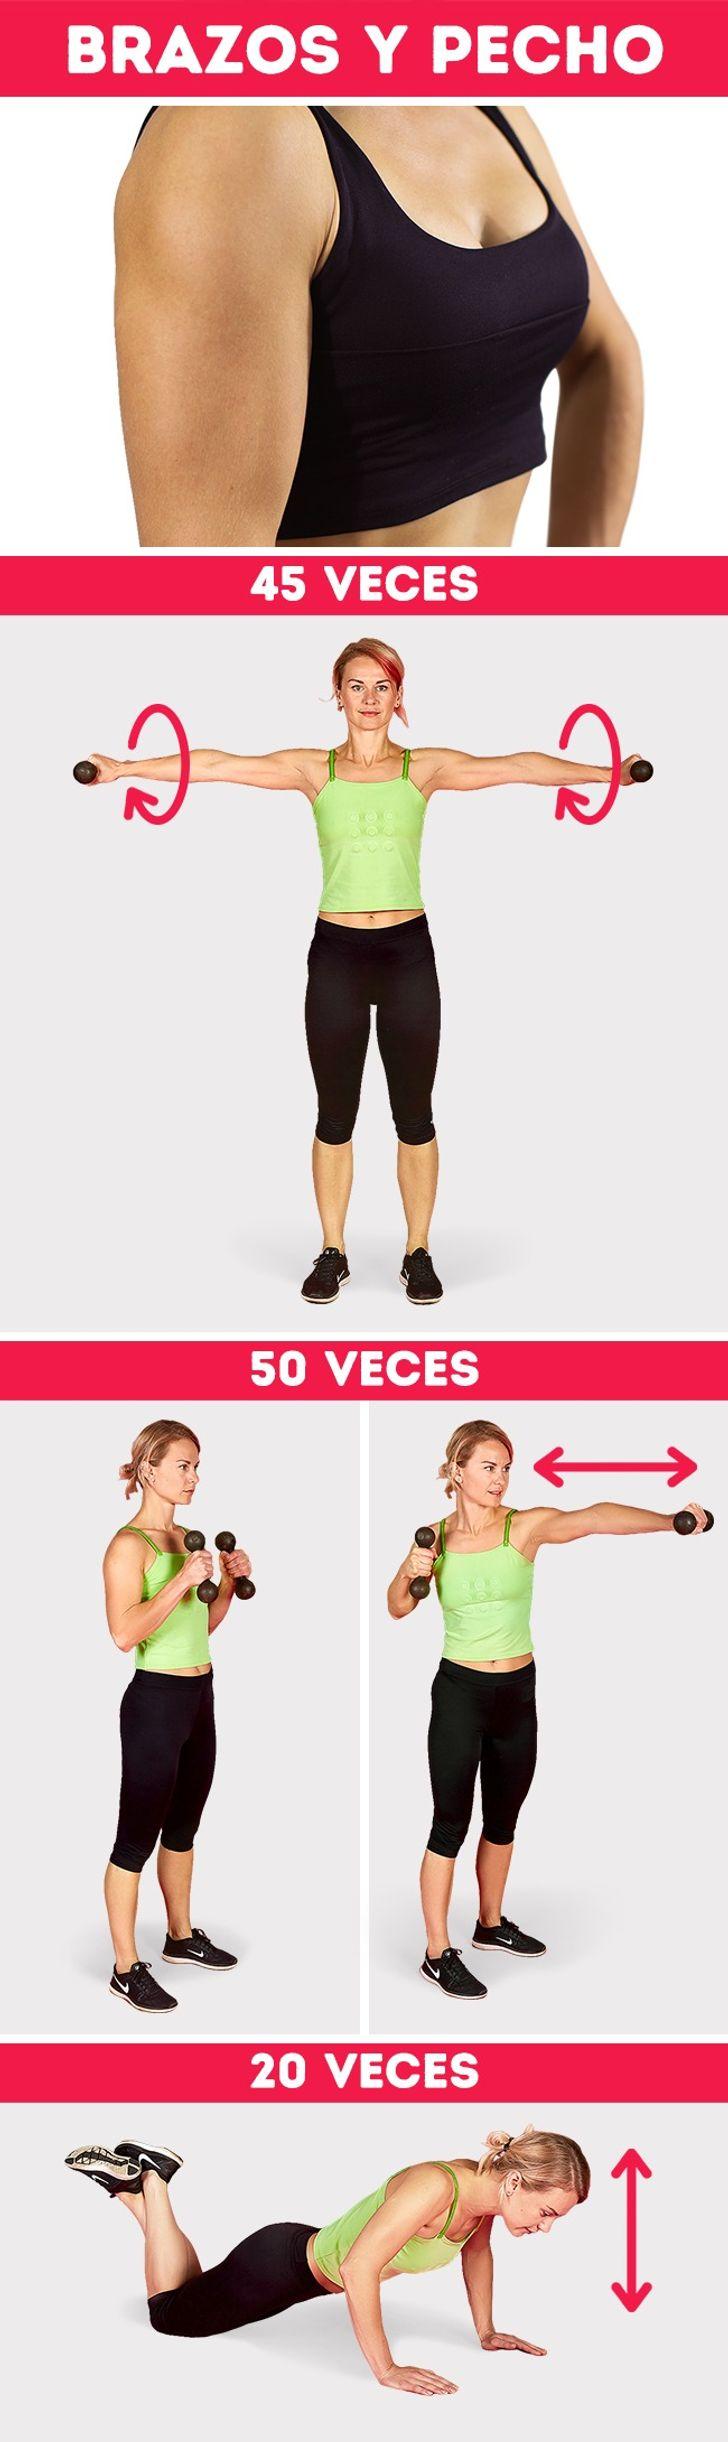 13 Ejercicios para entrenar todo el cuerpo y bajar de peso